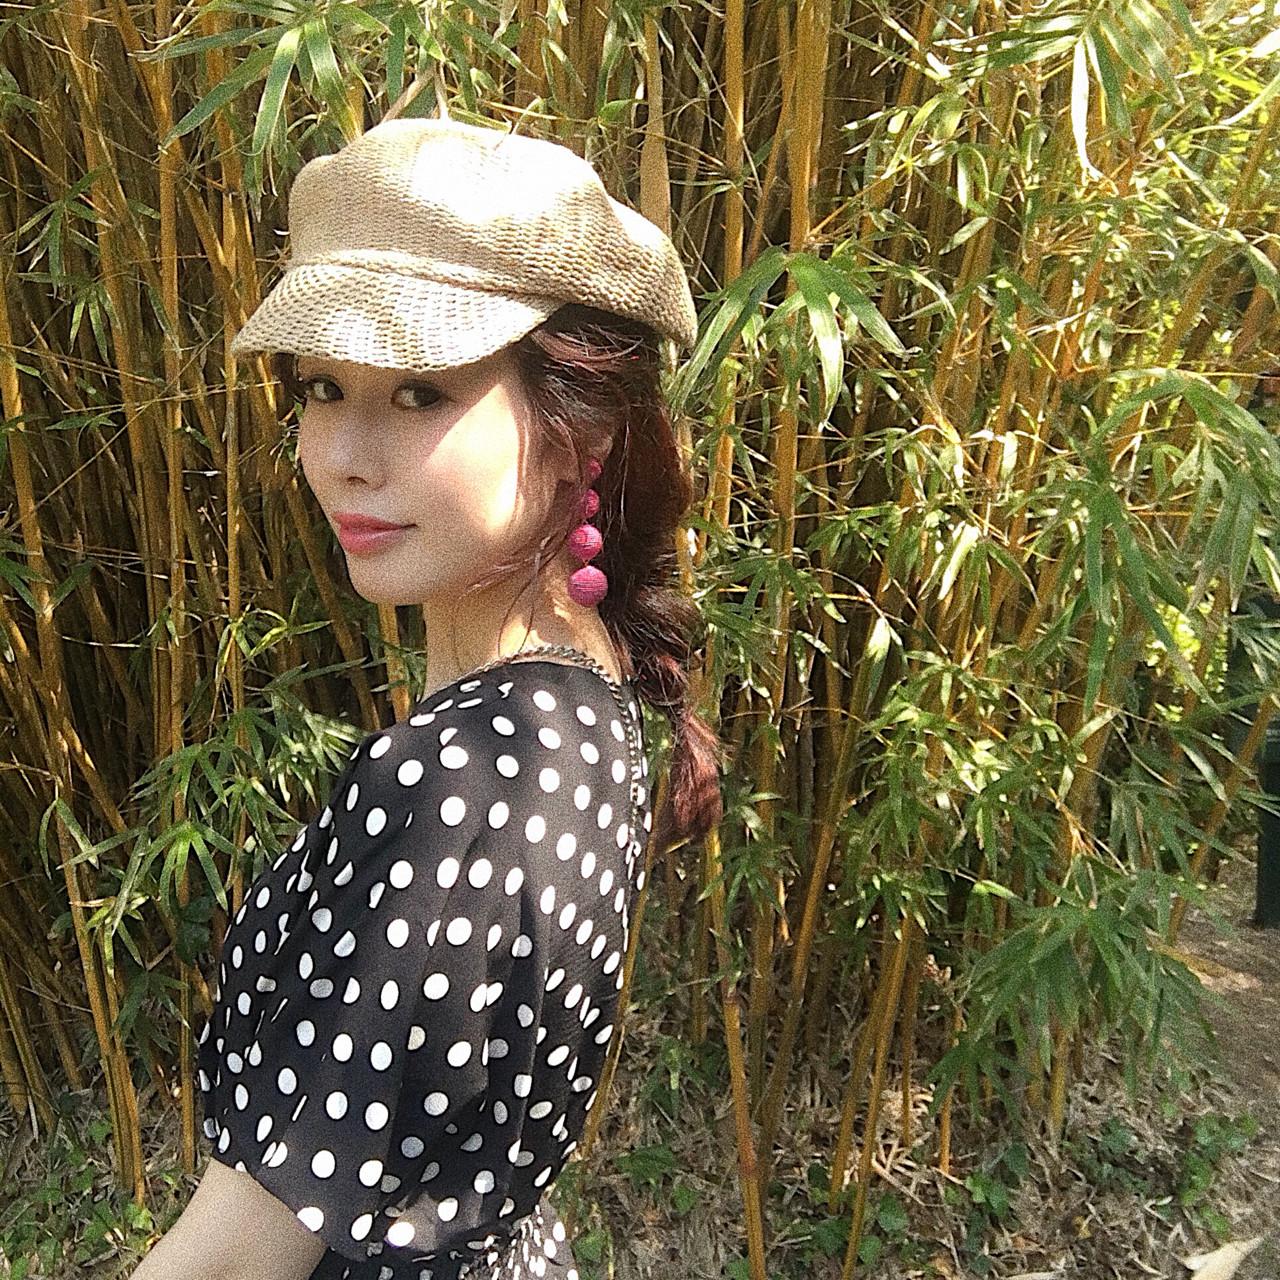 ヘアアレンジ フェミニン 大人かわいい 三つ編み ヘアスタイルや髪型の写真・画像 | 桐谷 芽依 /